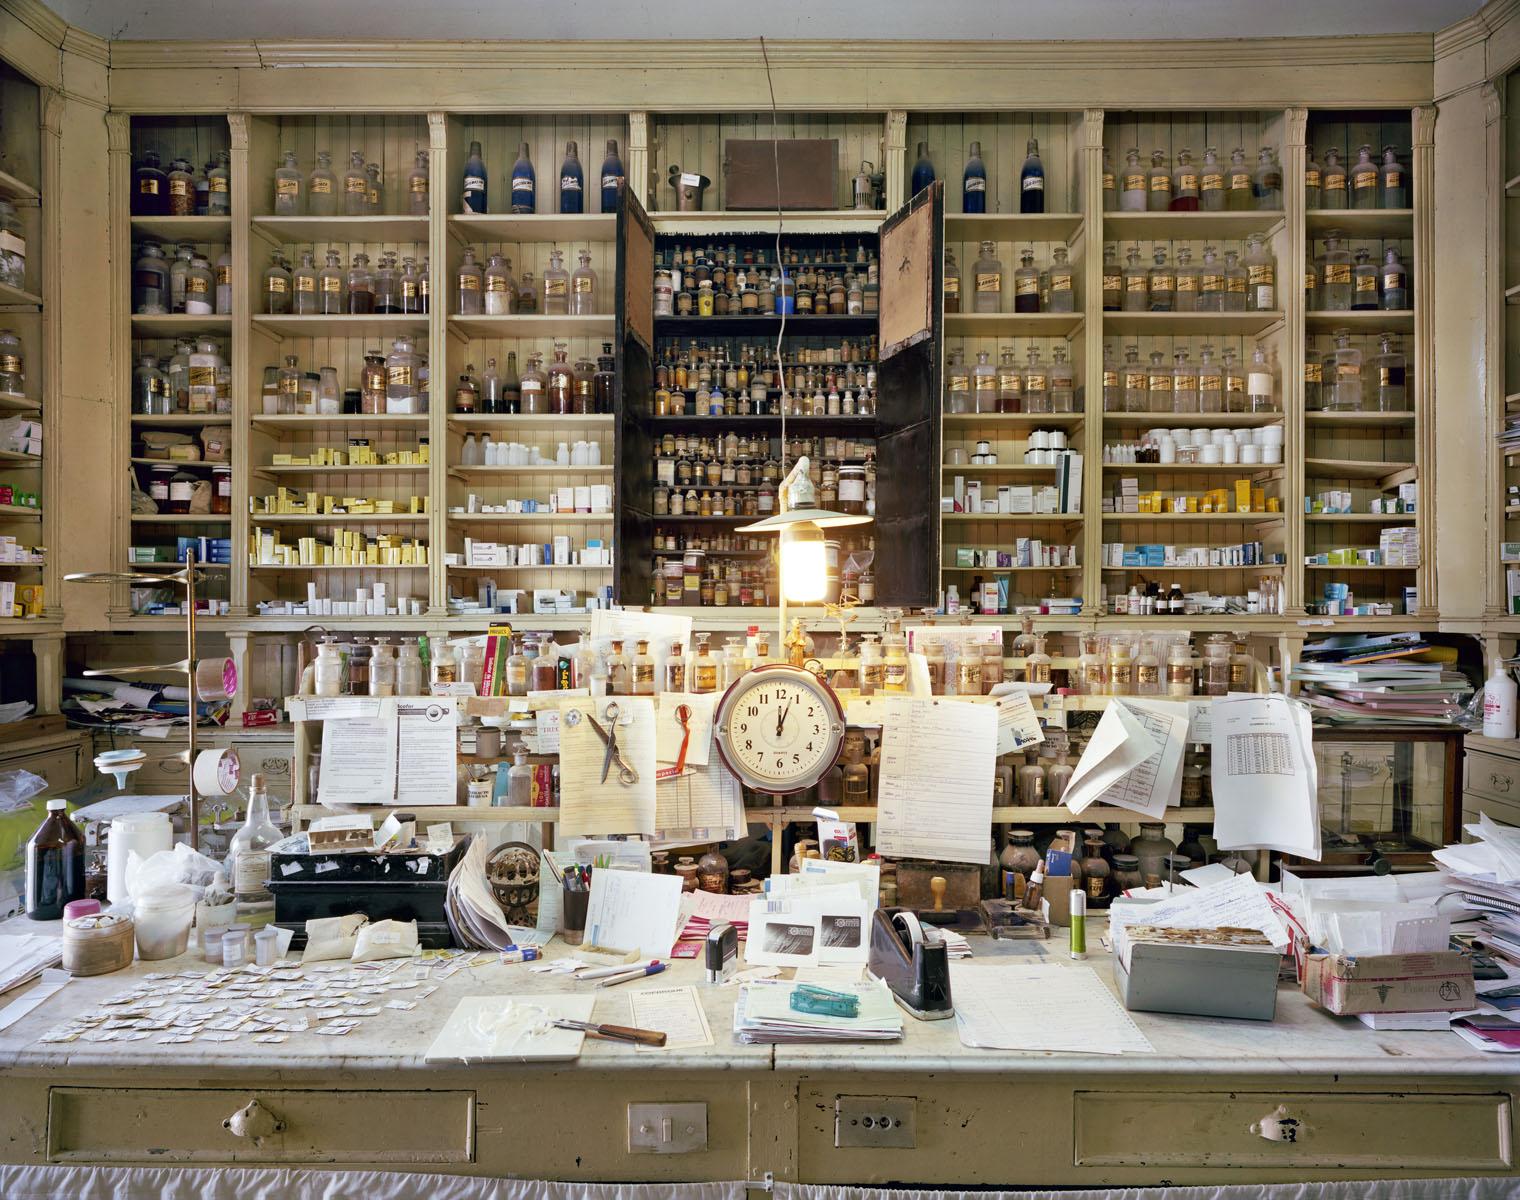 Trecu_Pharmacy-copy